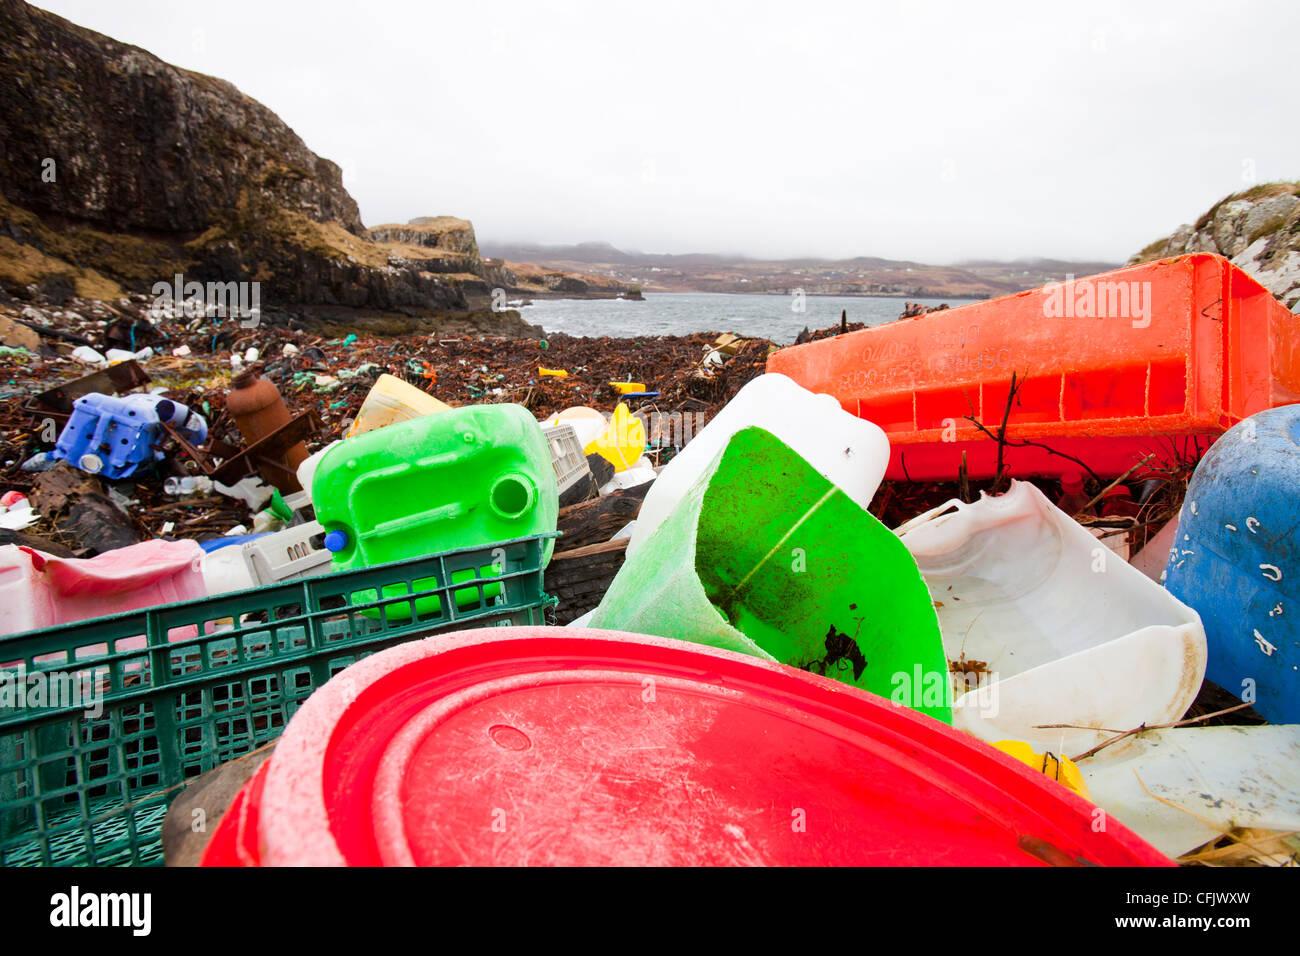 Plastic debris washed ashore at Ardtreck Bay on the Isle of Skye, Scotland, UK. Stock Photo